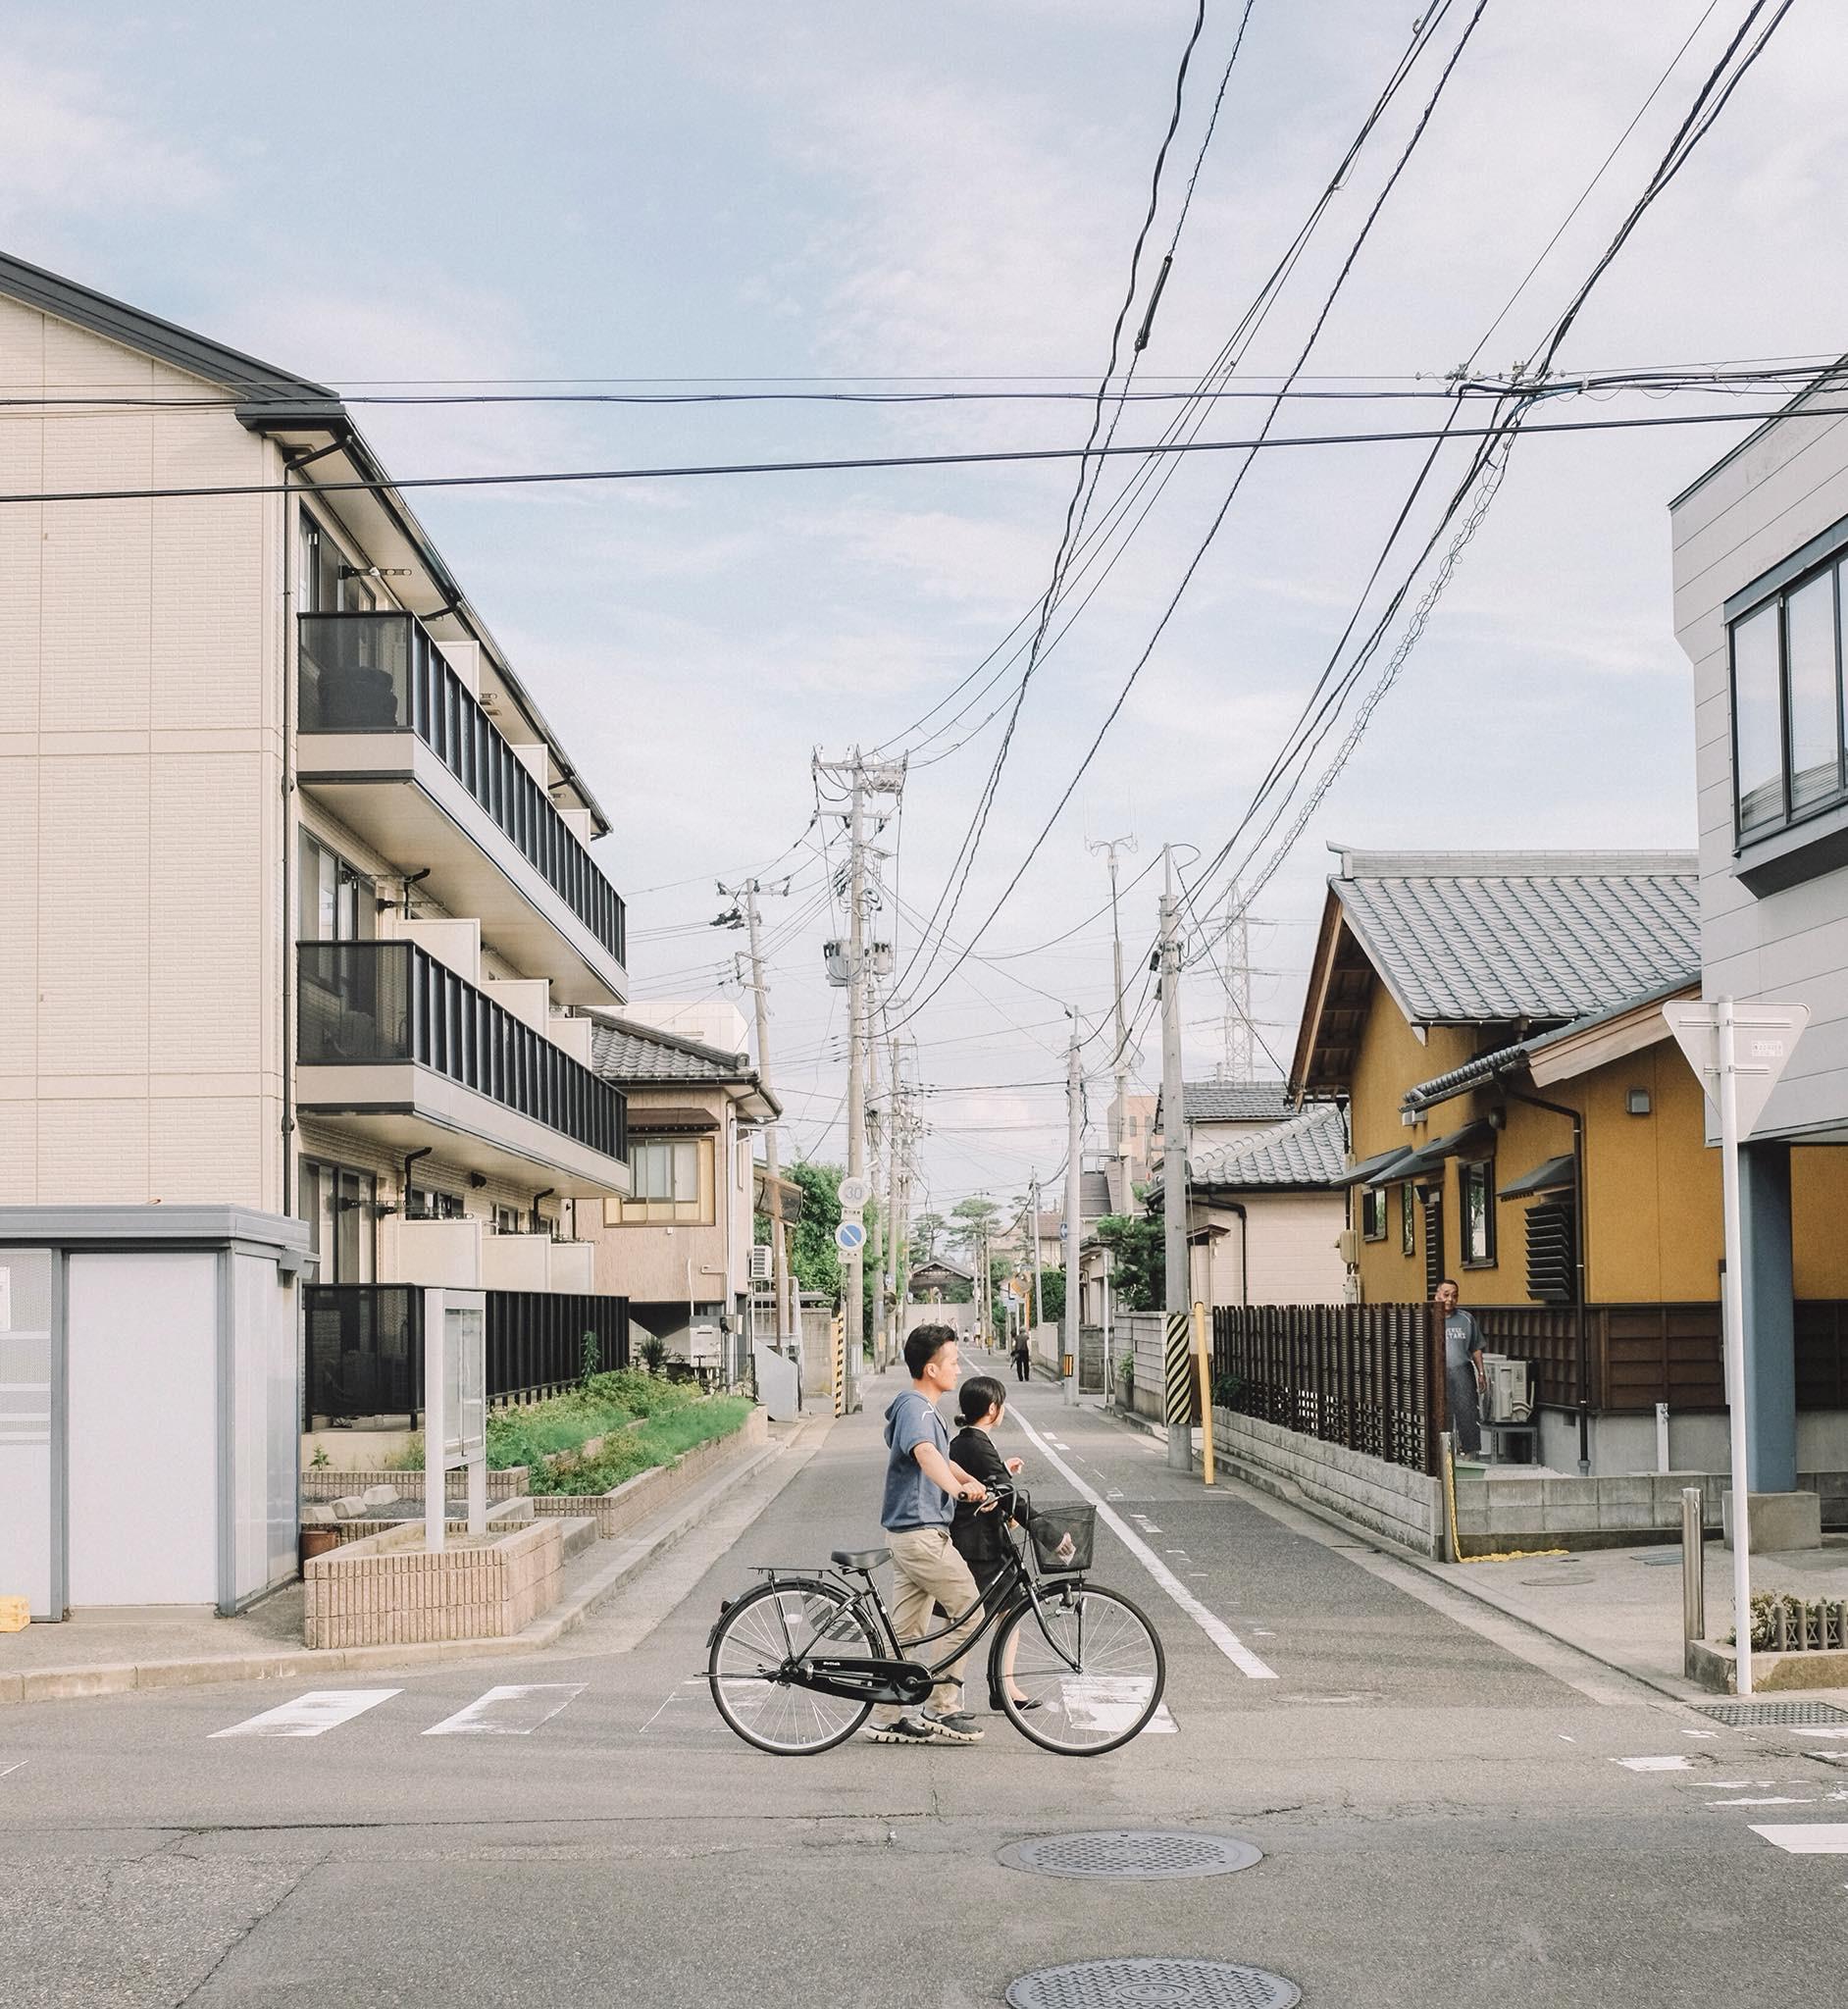 Chẳng ai rời mắt được những bức hình chụp Nhật Bản rất bình yên và trong trẻo của chàng trai Việt Nam này - Ảnh 18.